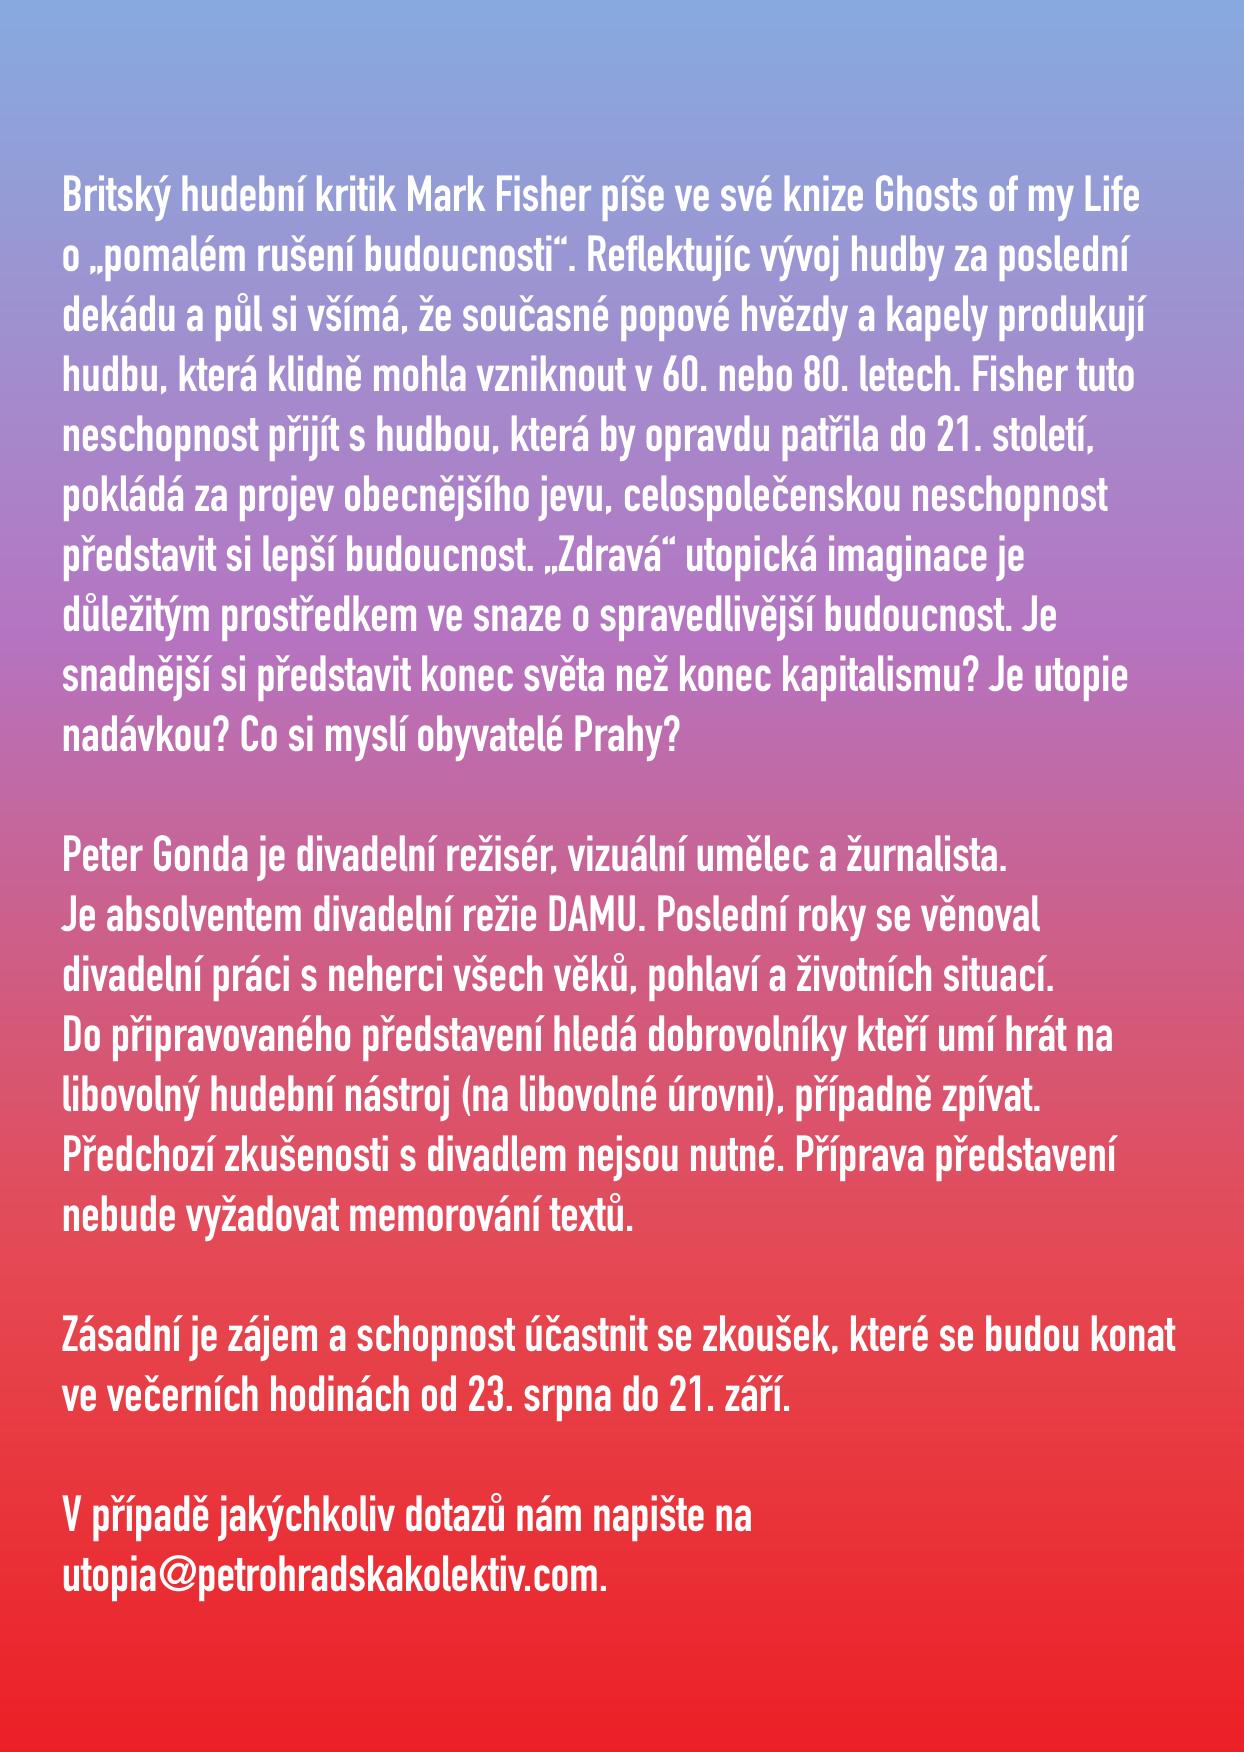 petrohradska_back.png